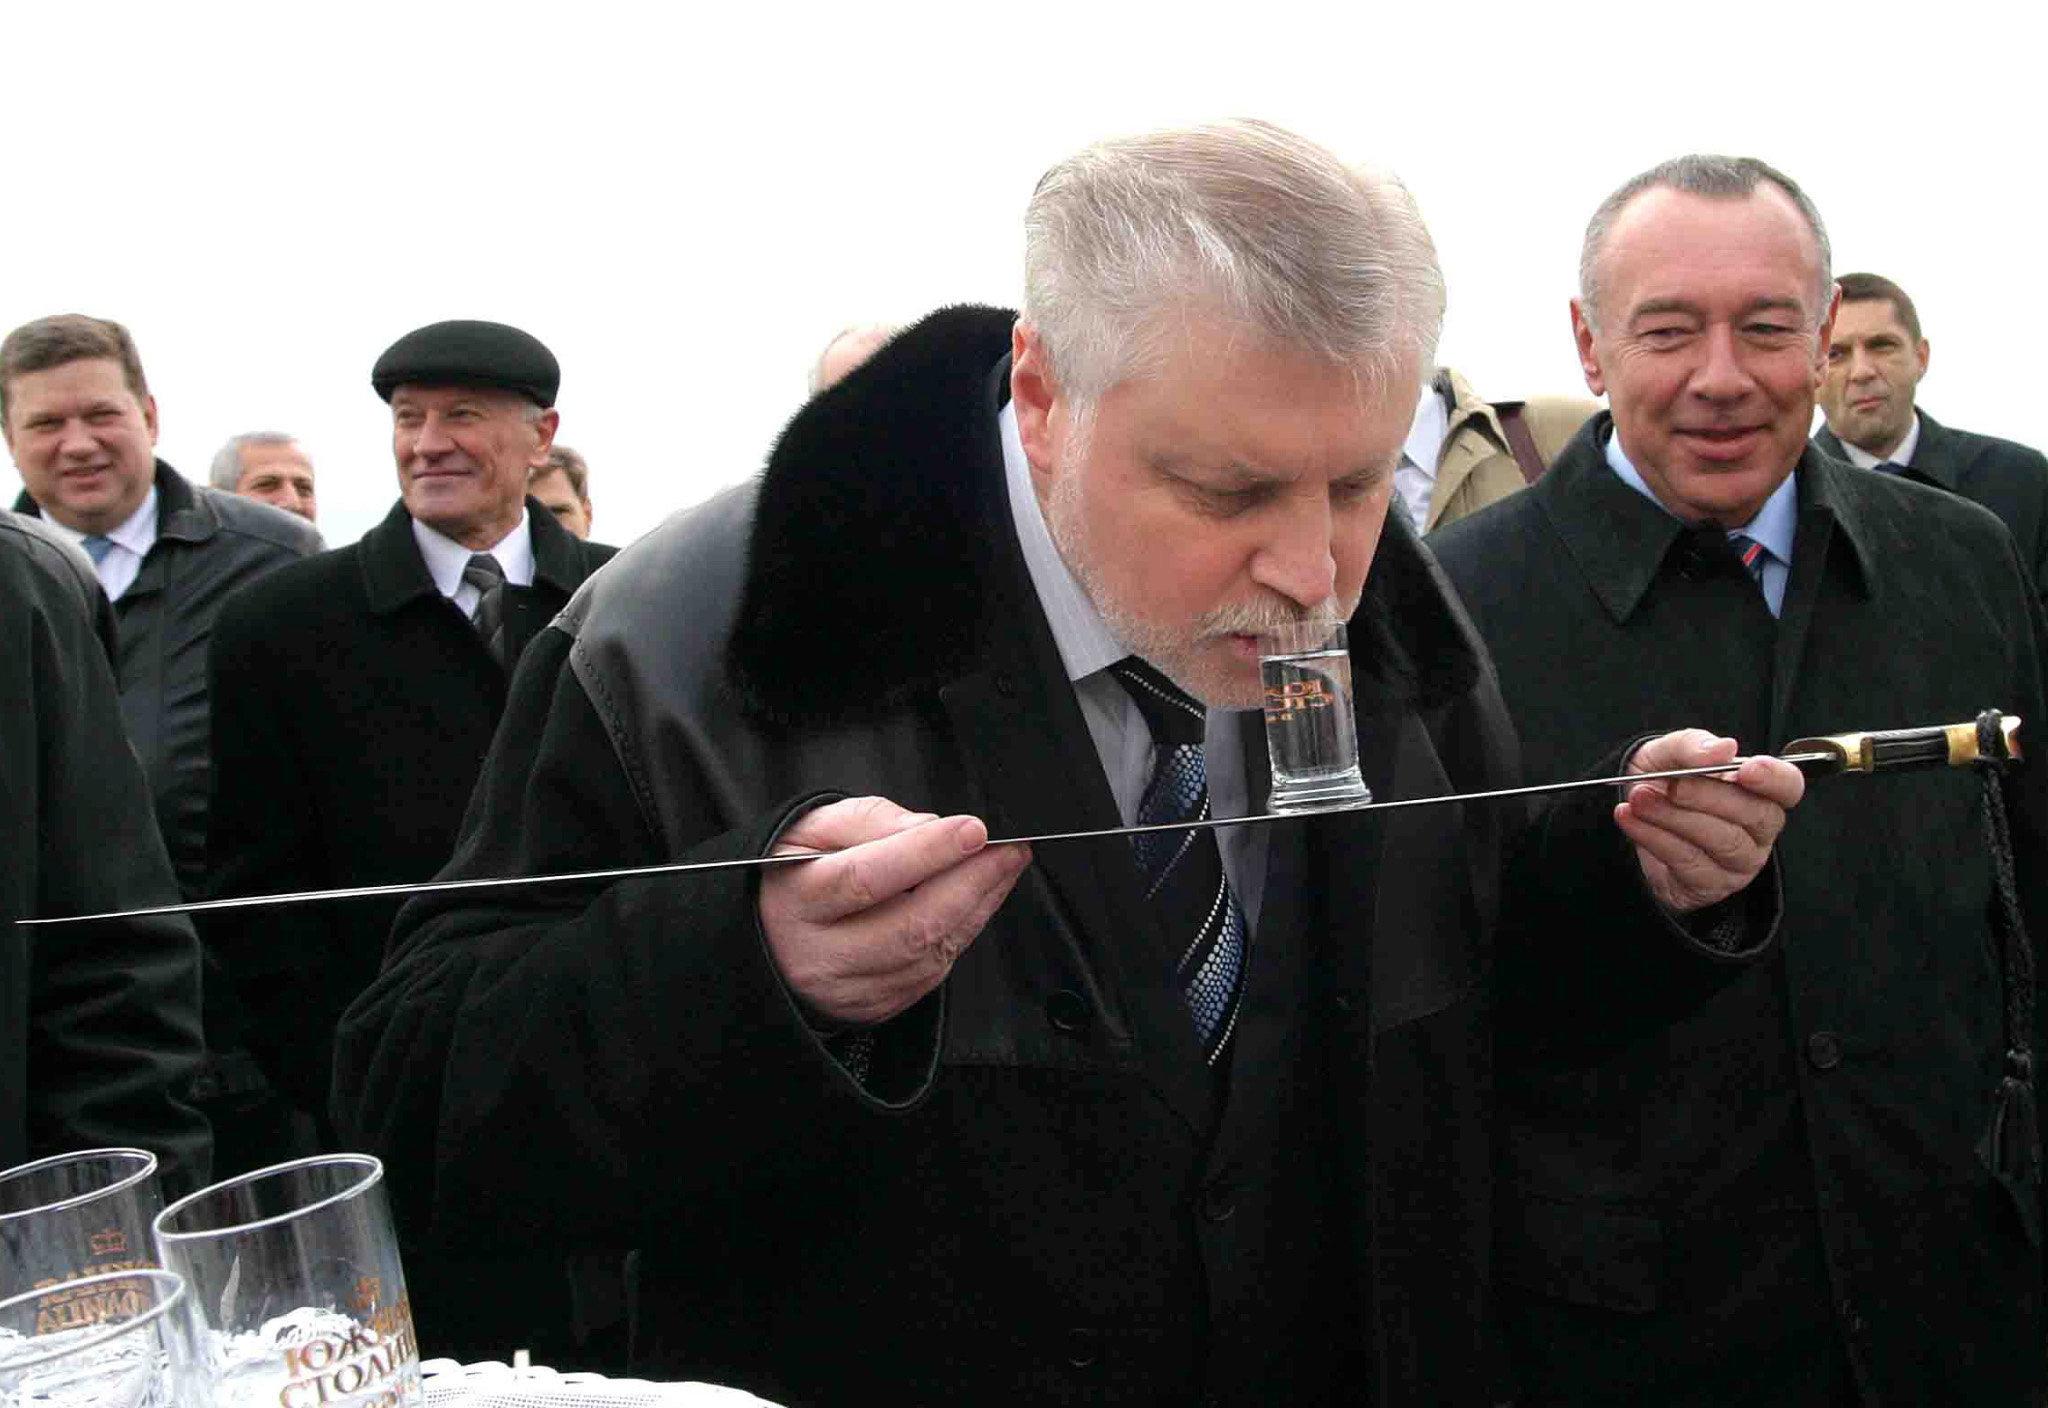 El expresidente del Consejo de la Federación —Cámara Alta del Parlamento—Serguéi Mirónov bebe un vaso de vodka a la manera cosaca —de una espada 'shashka'— durante su visita a la región de Rostov en 2005